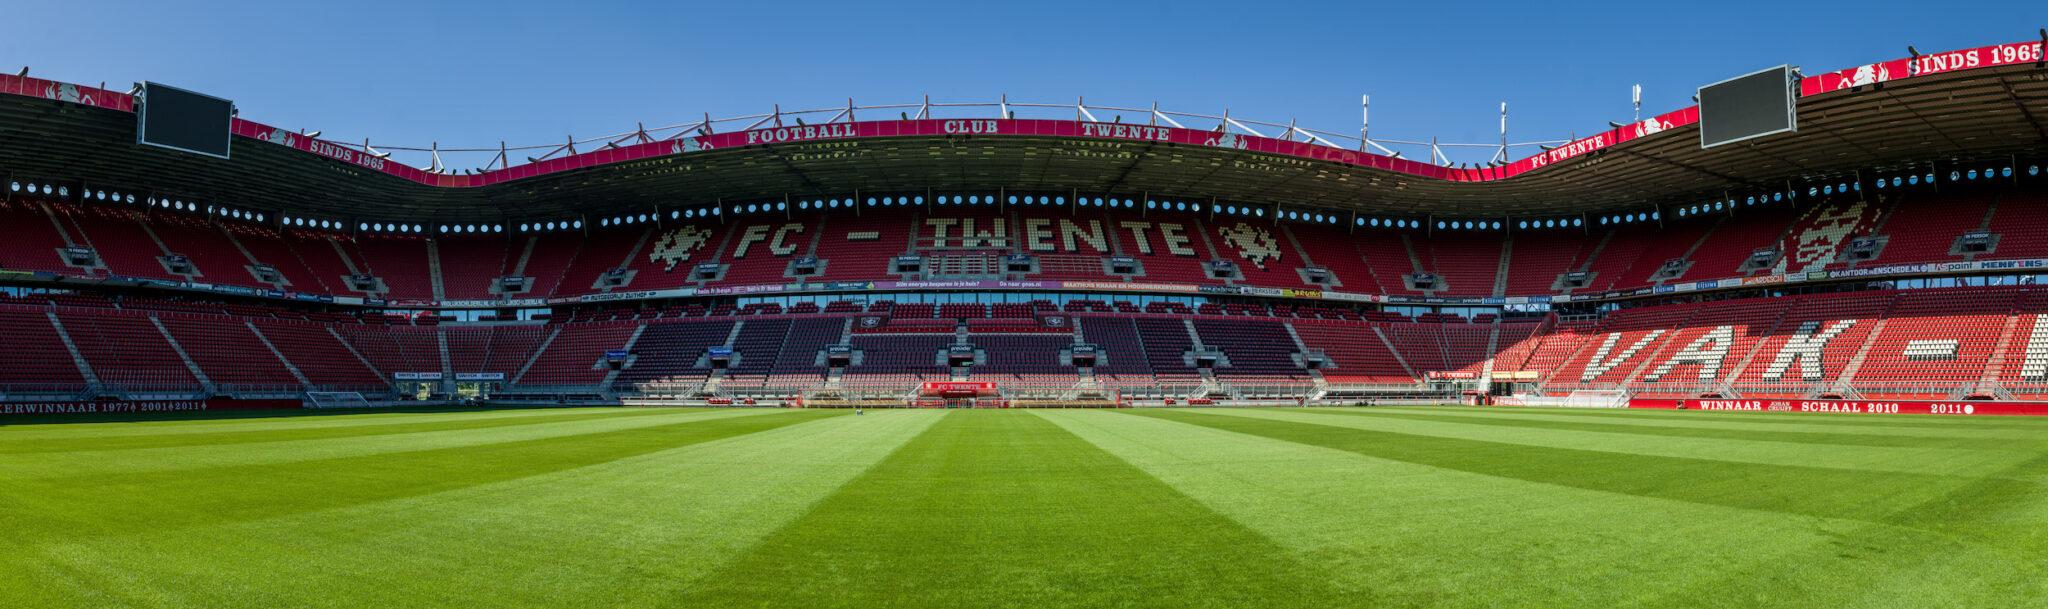 Milati FC Twente Allett C34